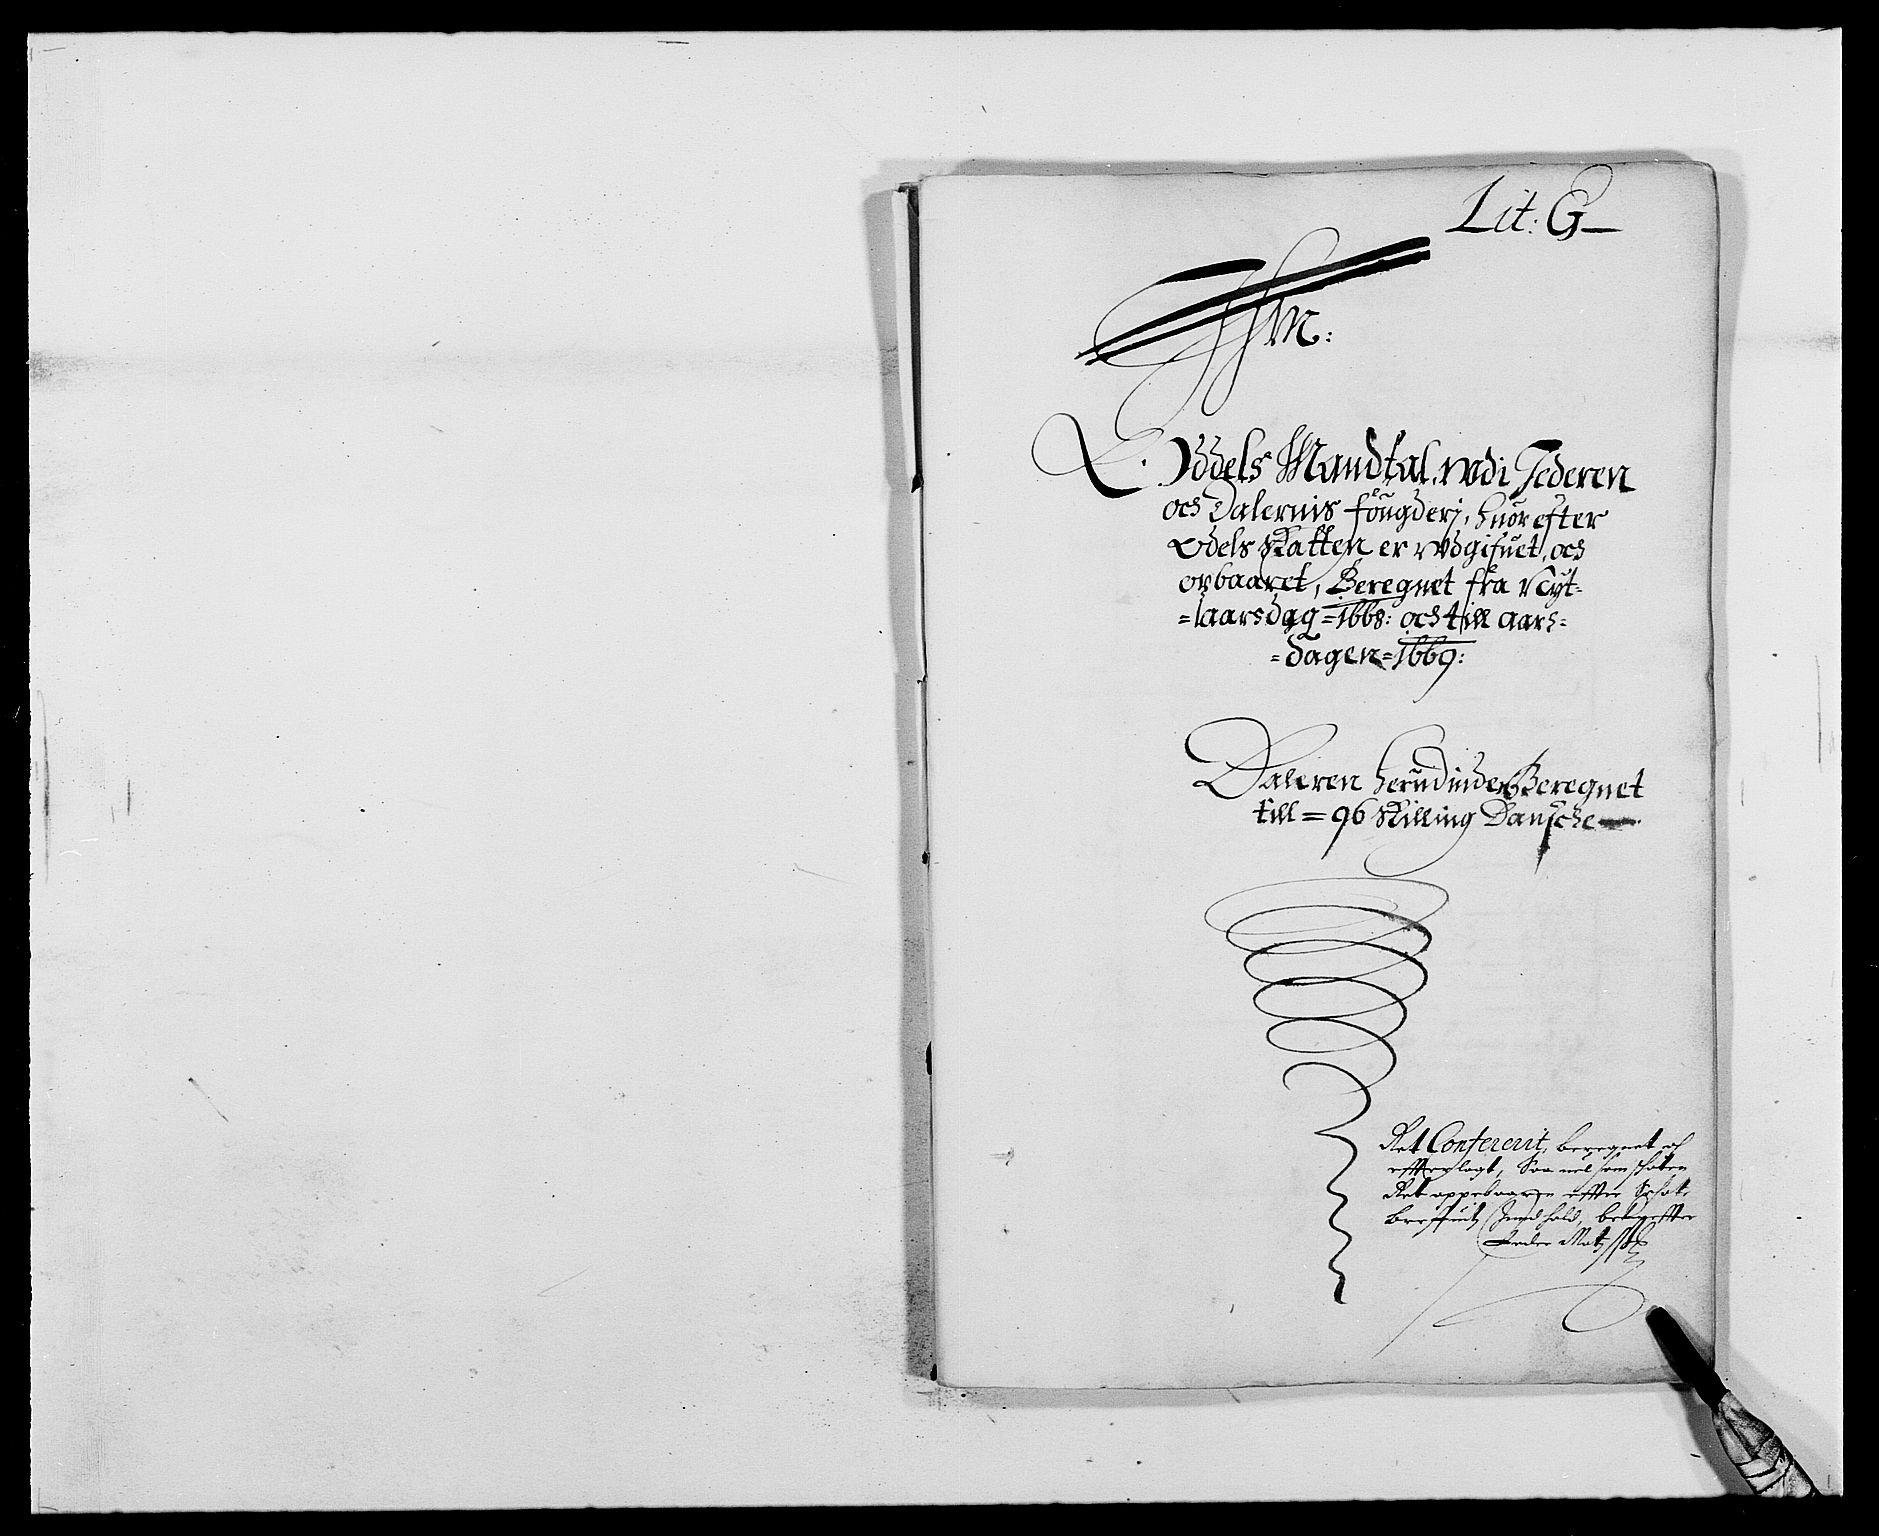 RA, Rentekammeret inntil 1814, Reviderte regnskaper, Fogderegnskap, R46/L2711: Fogderegnskap Jæren og Dalane, 1668-1670, s. 140